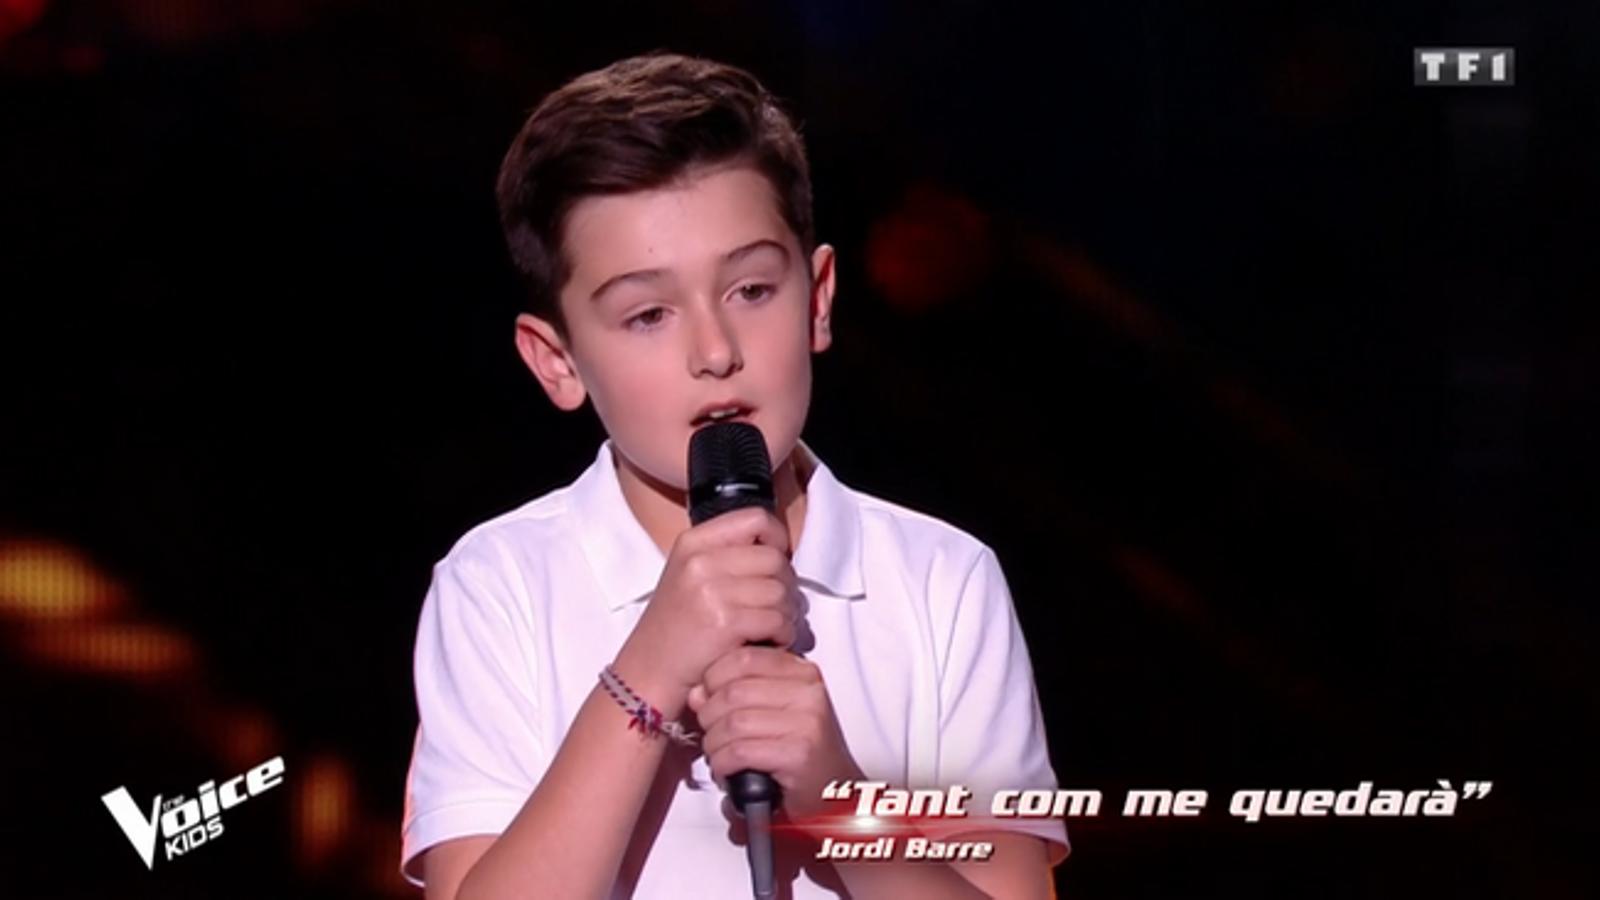 Un nen cantant en català causa sensació al 'Voice kids' francès